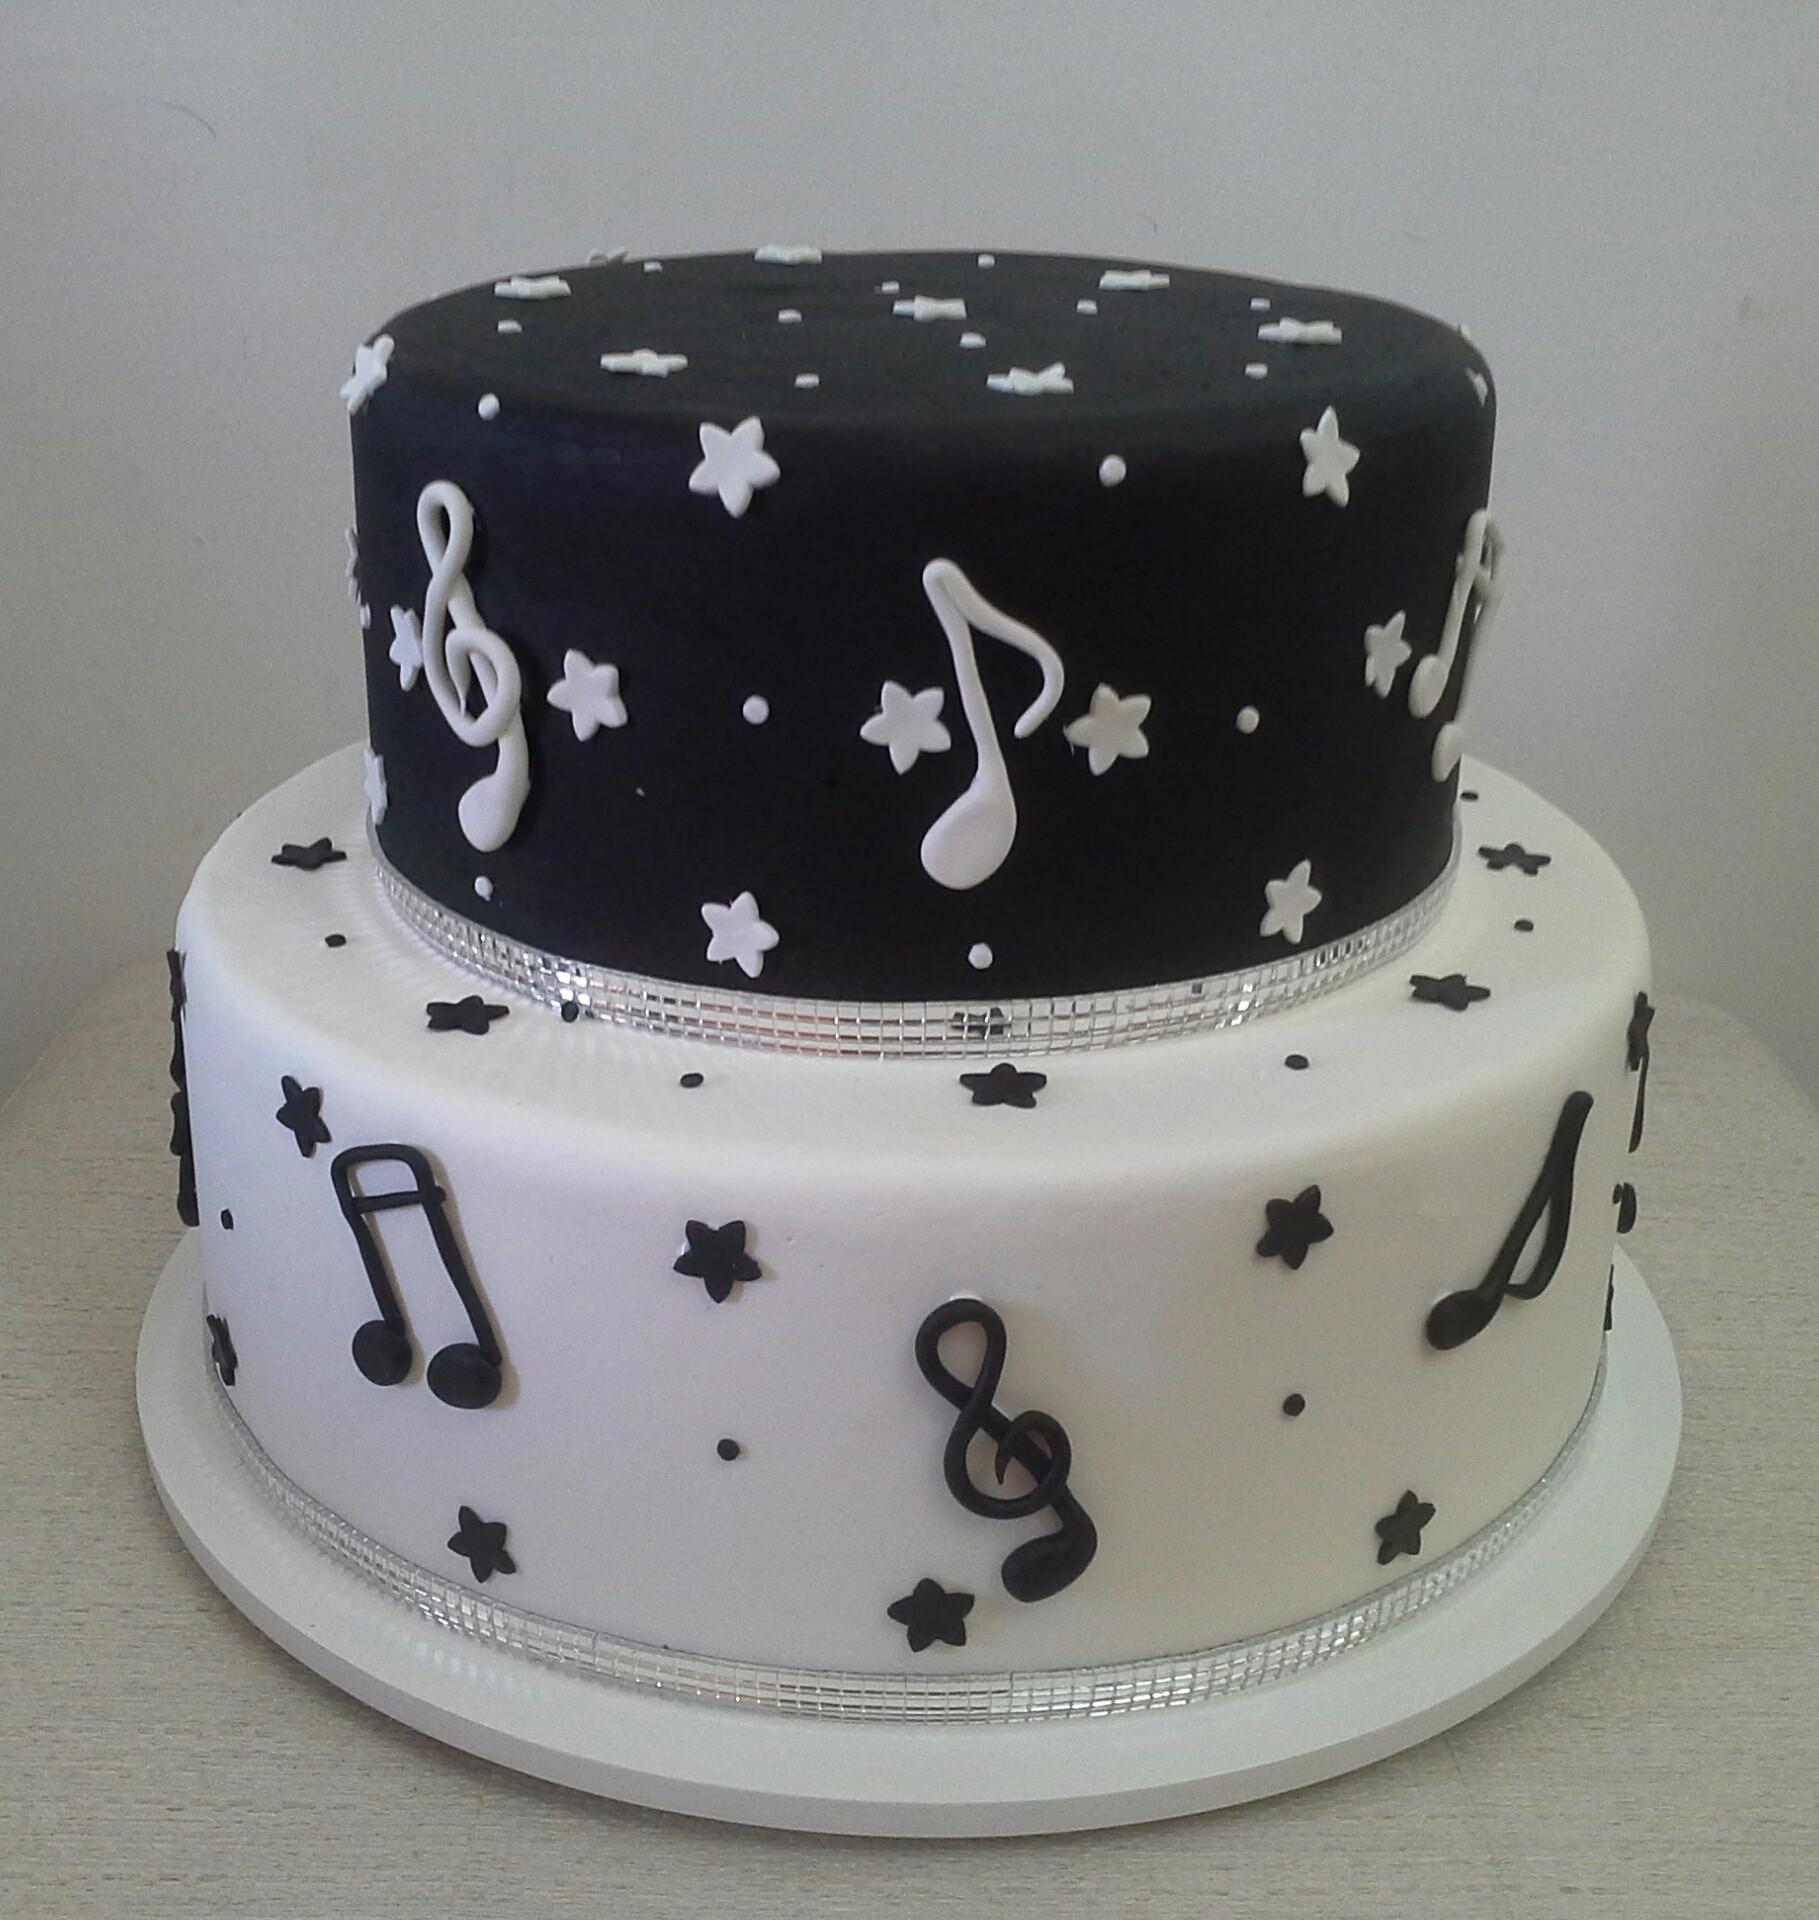 bolo preto e branco Com Notas Musicais